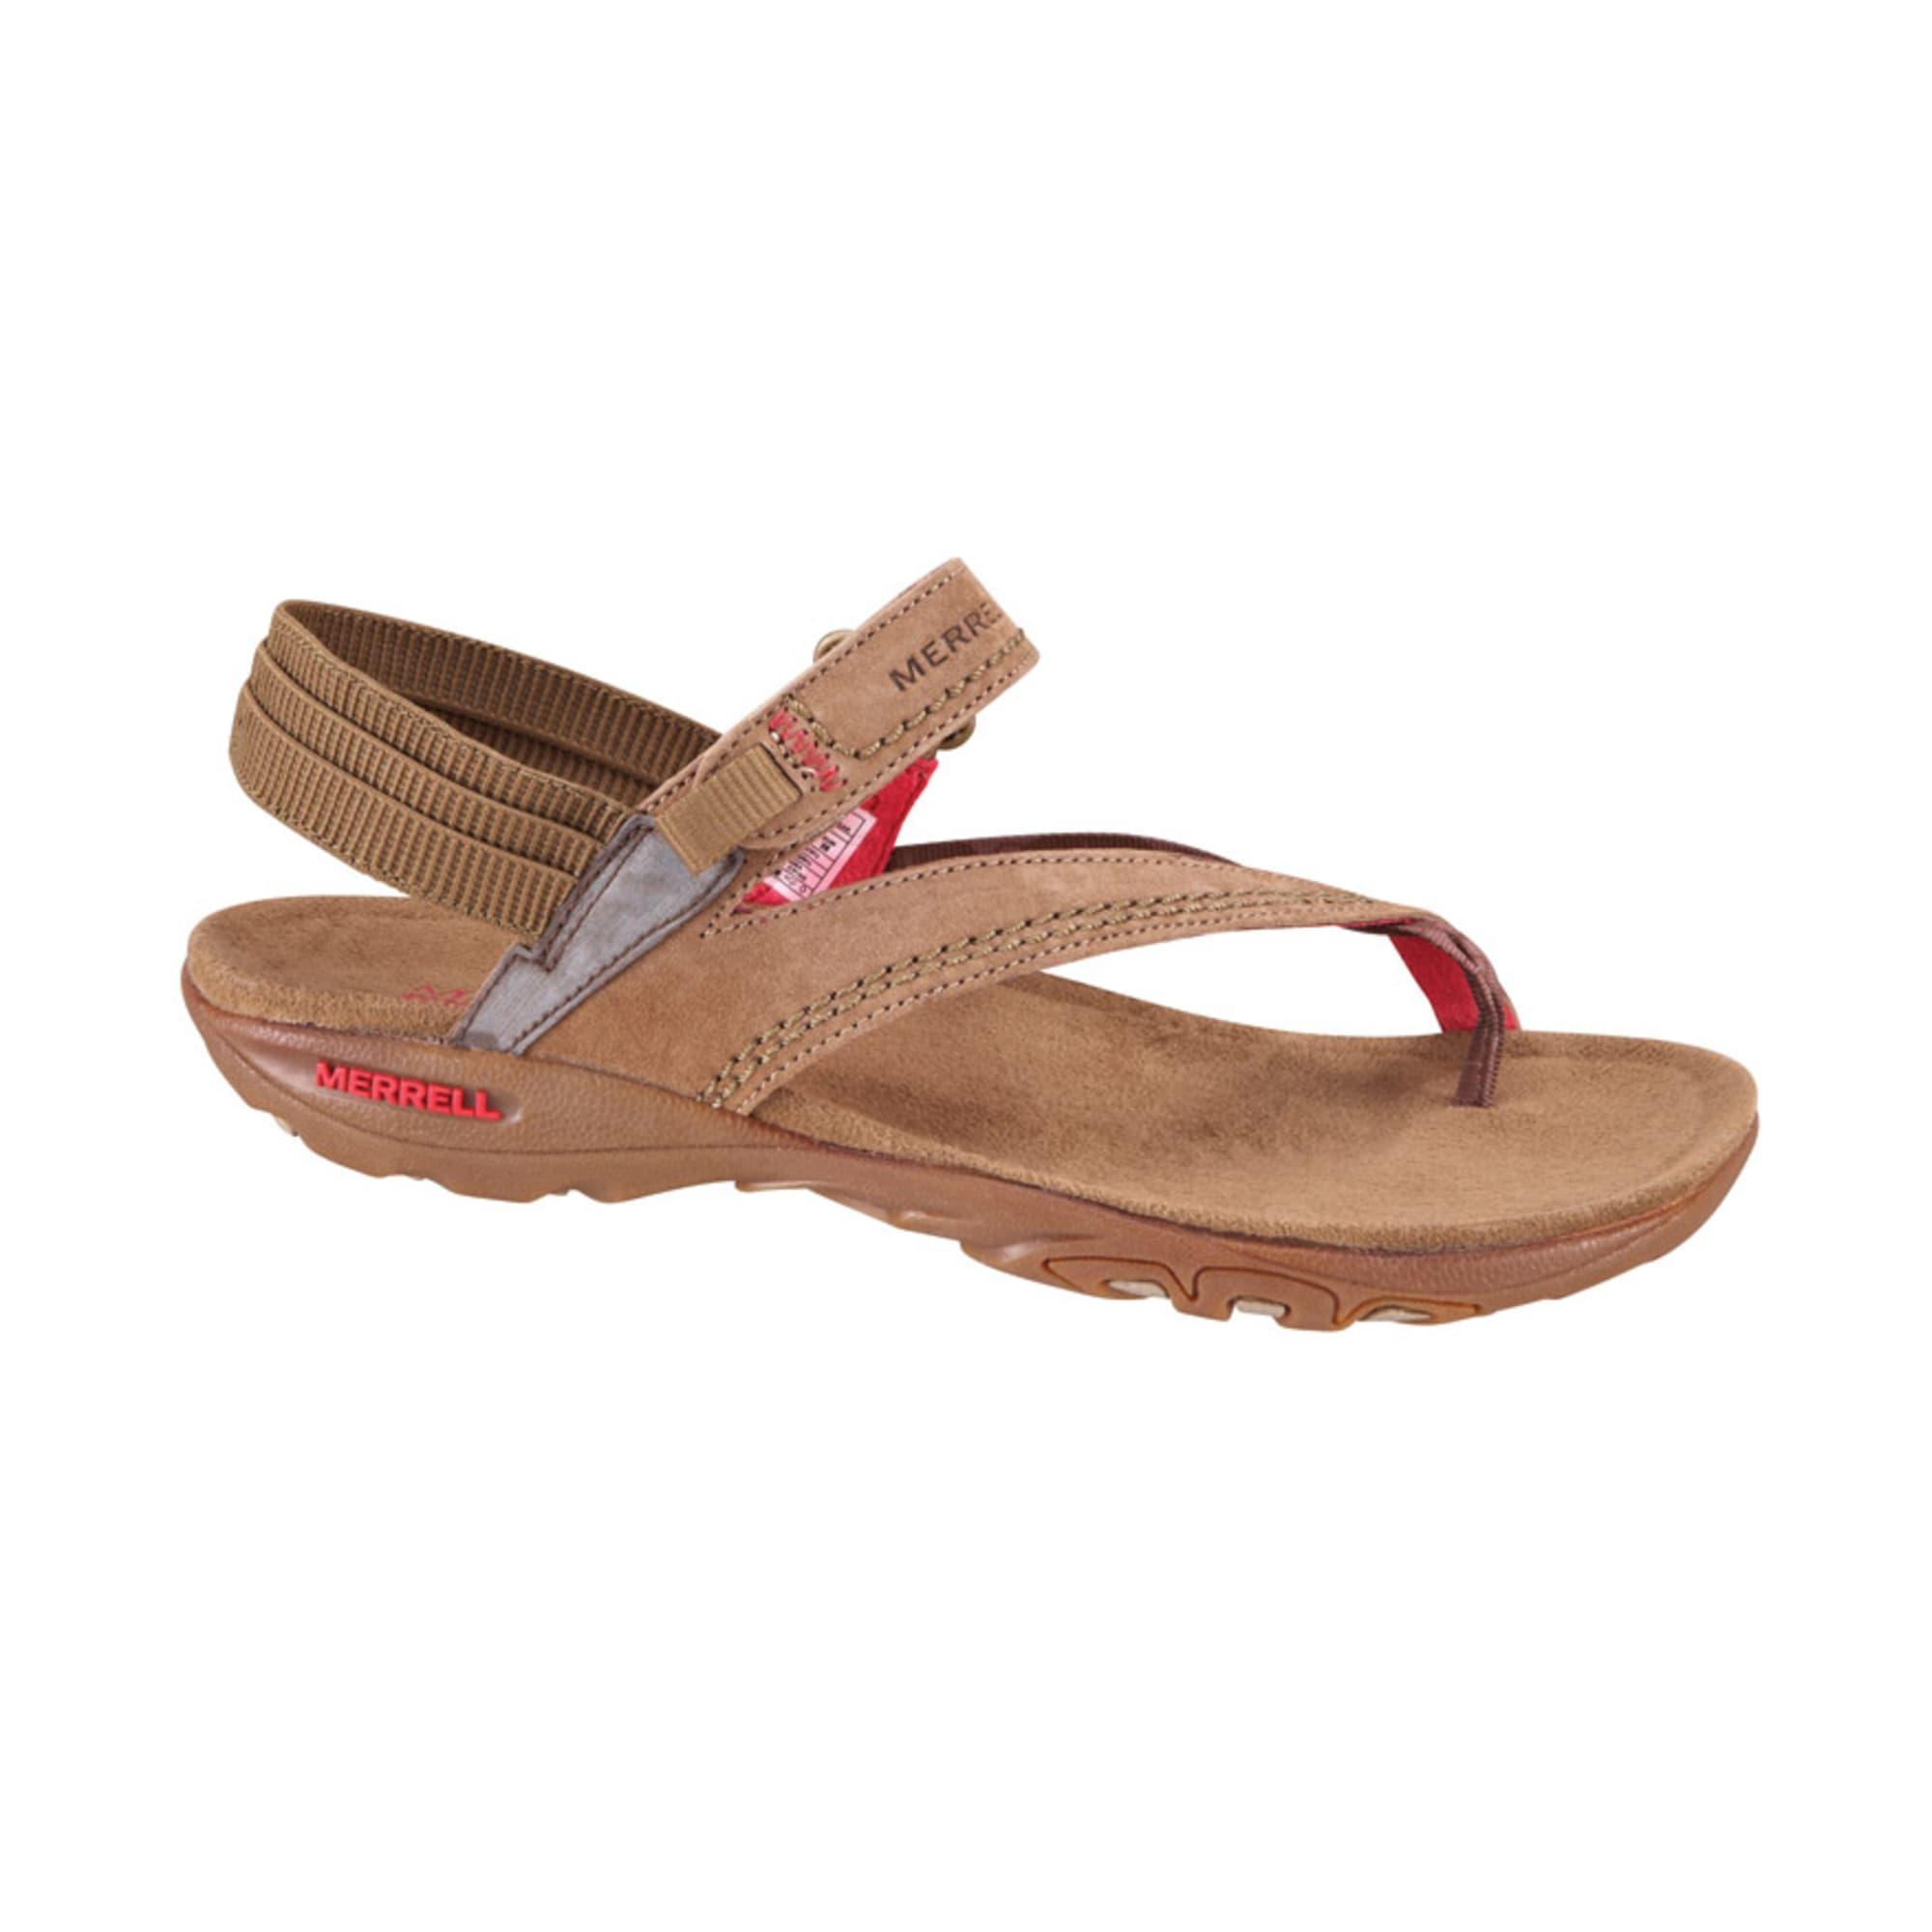 MERRELL Women's Mimosa Clove Sandals